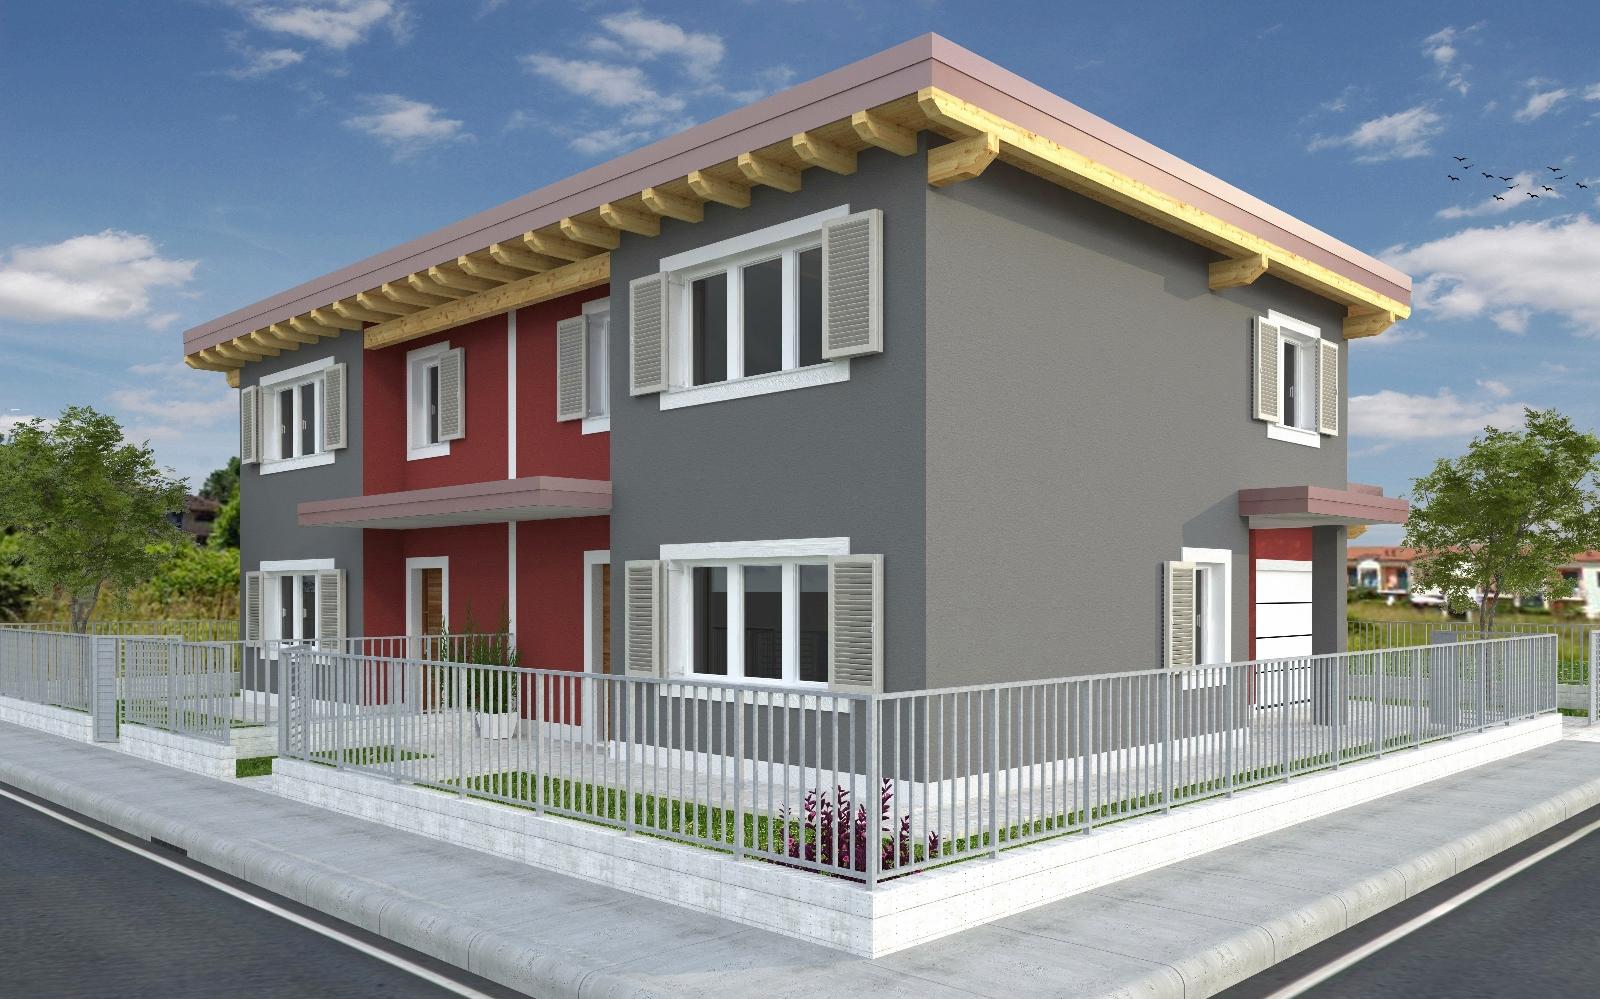 Progetti ville bifamiliari moderne for Villette moderne progetti